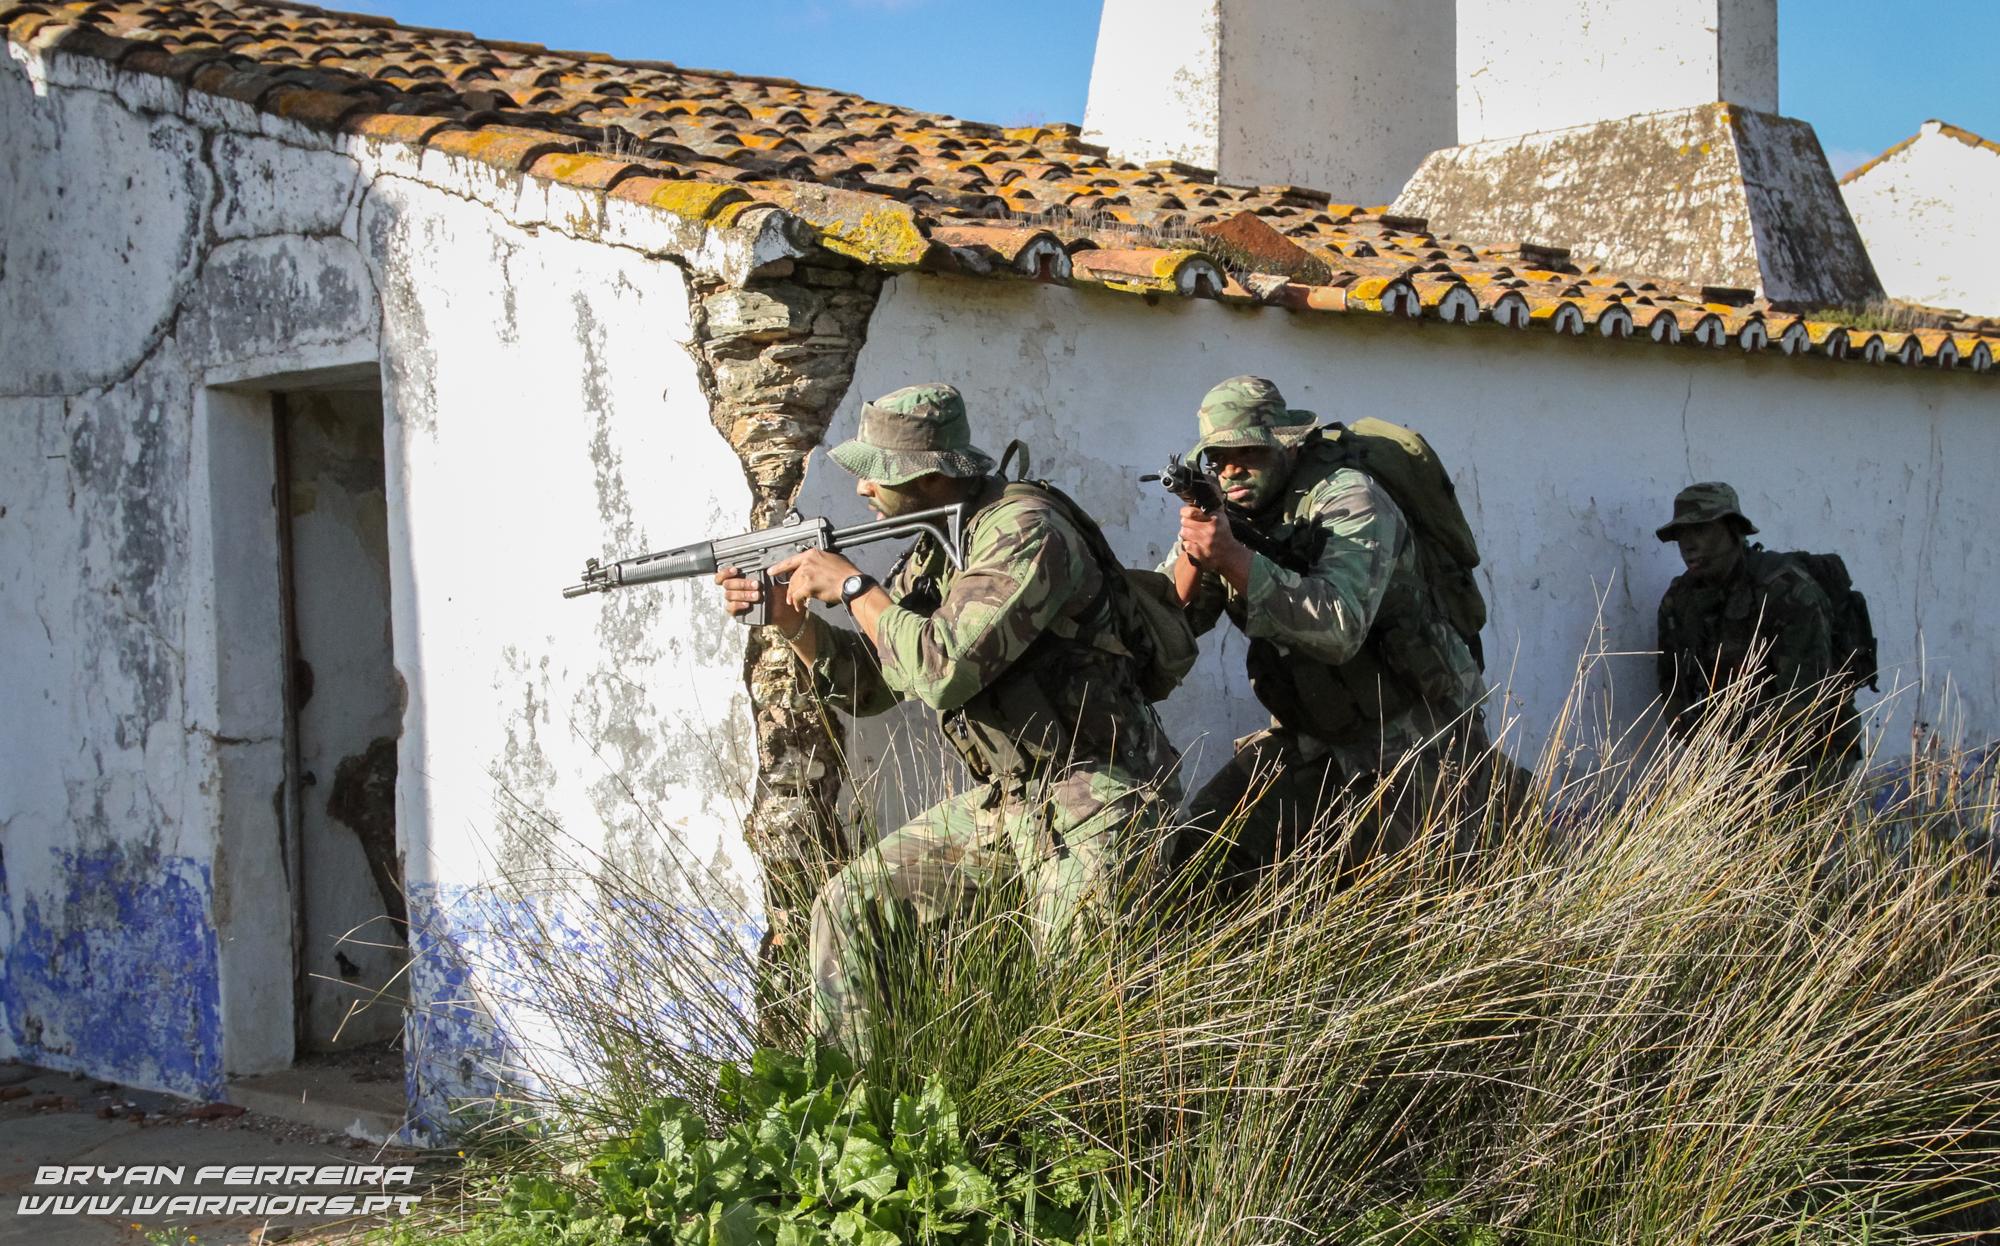 Comandos executam de uma missão de Ação Directa